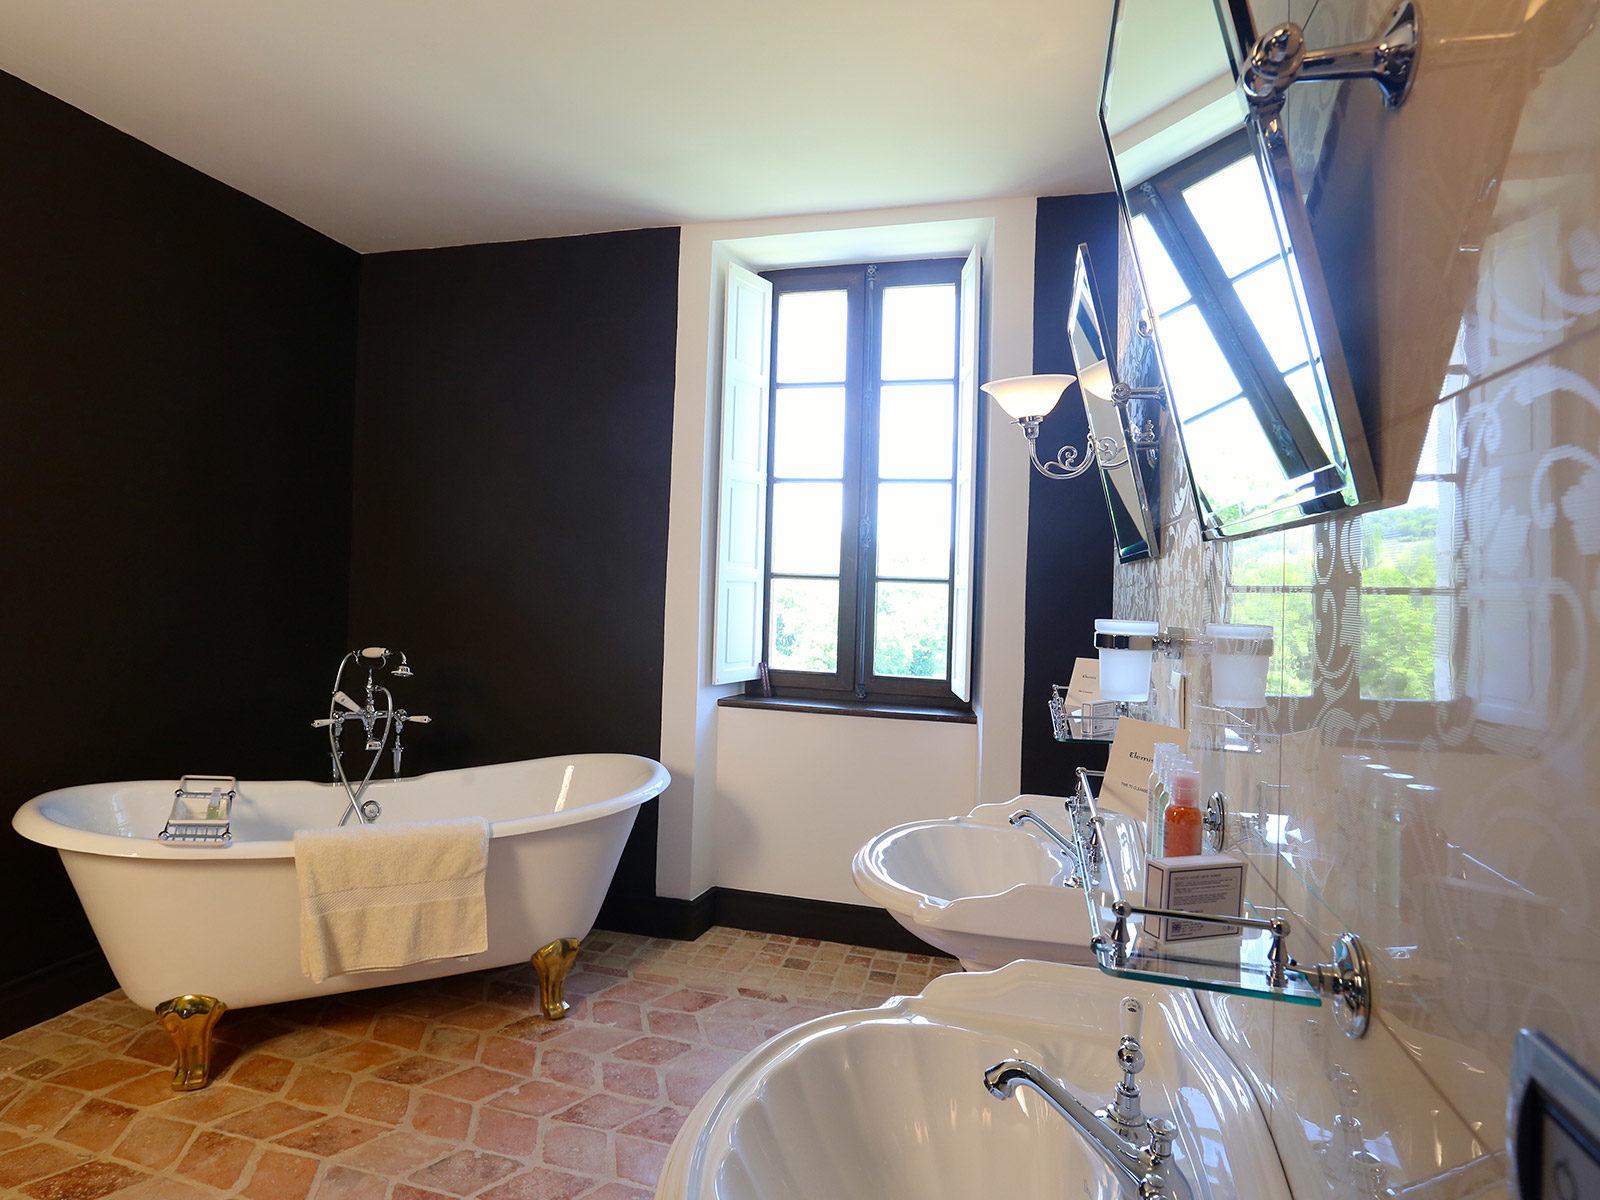 Salle de bains Chardonnay du château de La Mar Savoie